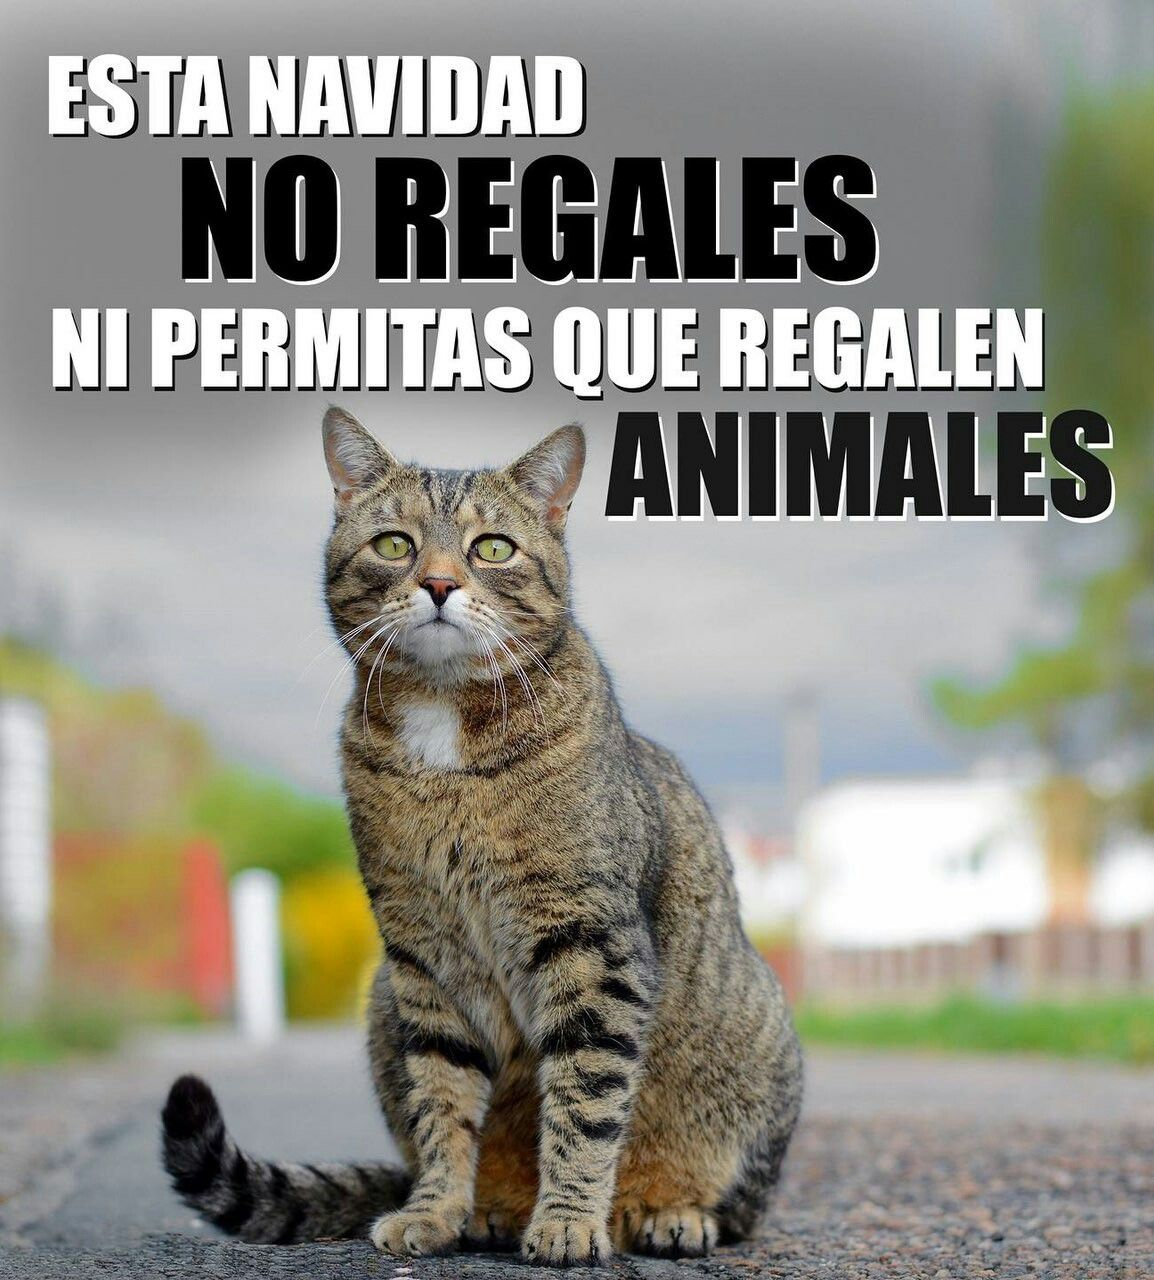 Pin de Transi Ortega en Animales Animales, Permitiendo